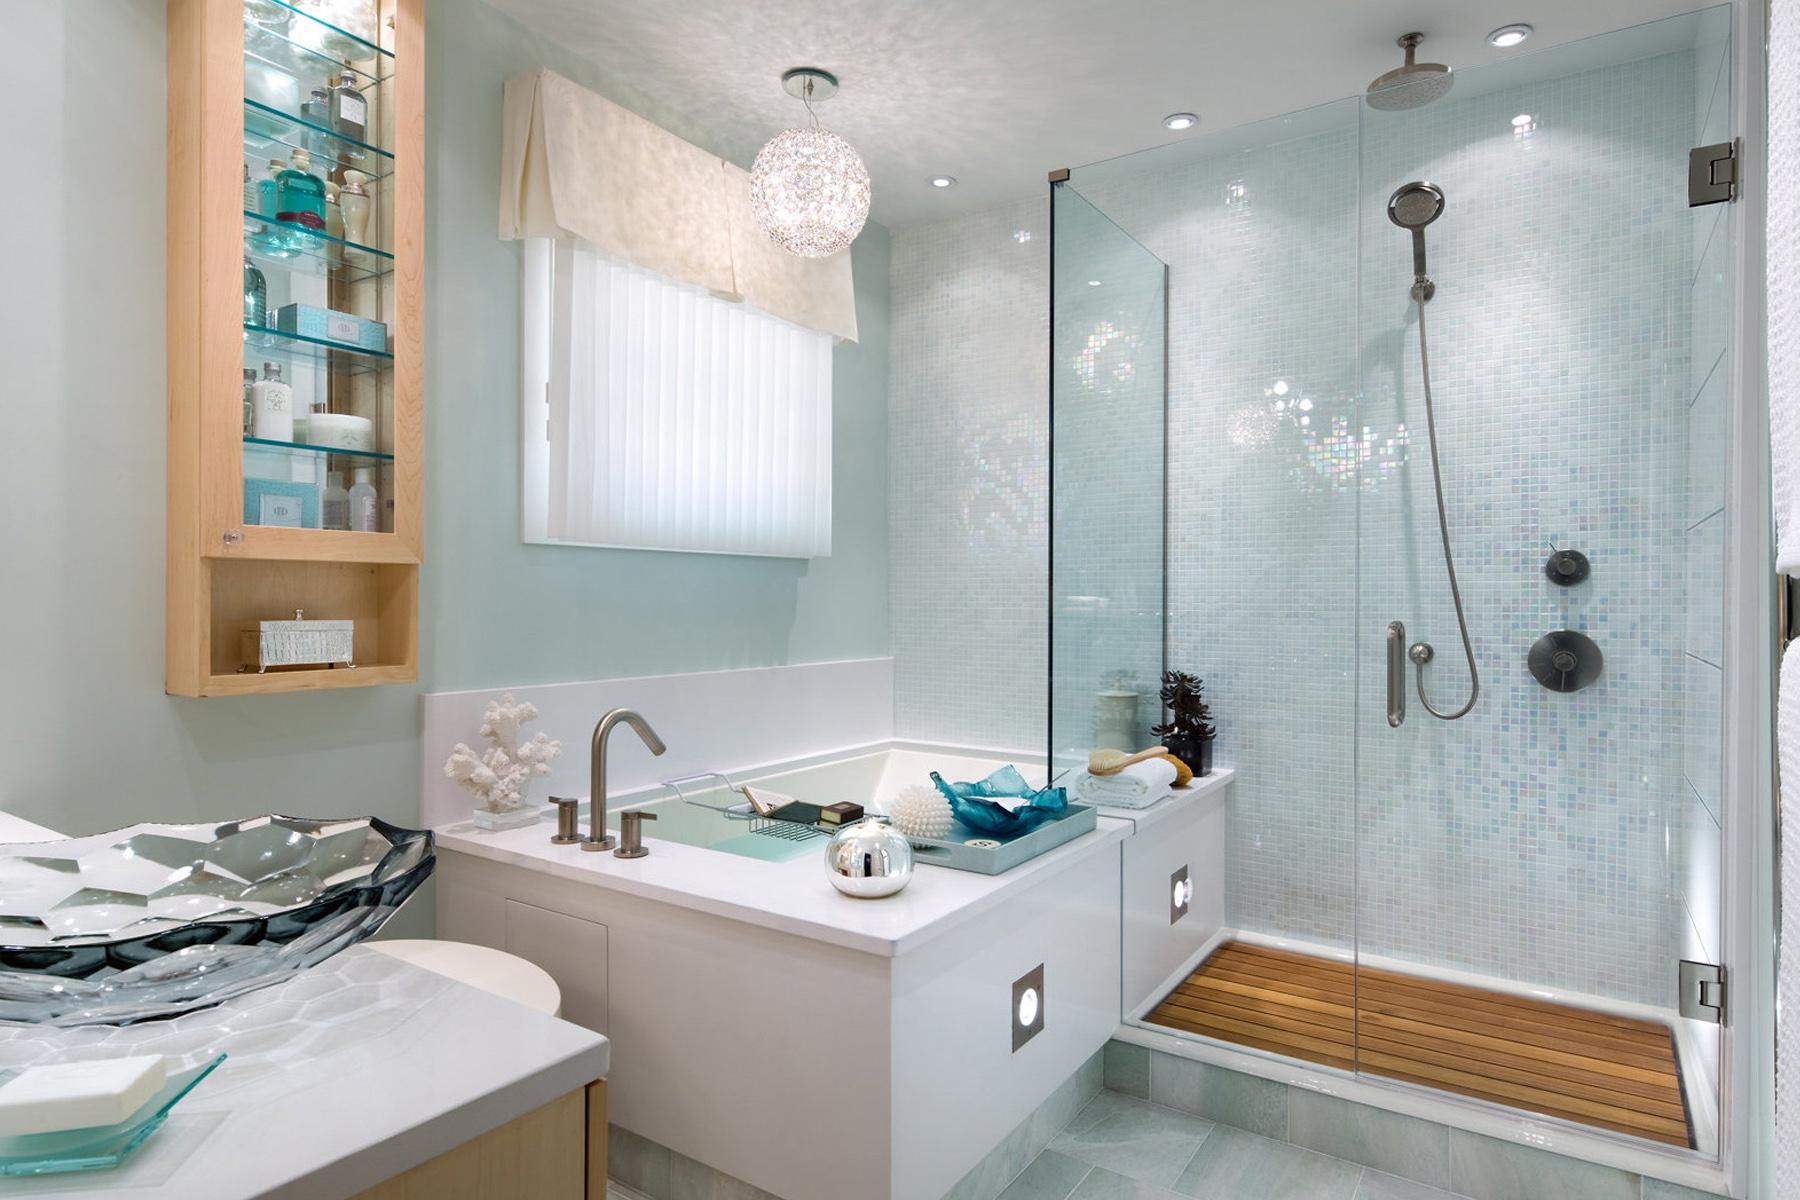 Смотреть фото интерьер ванной комнаты